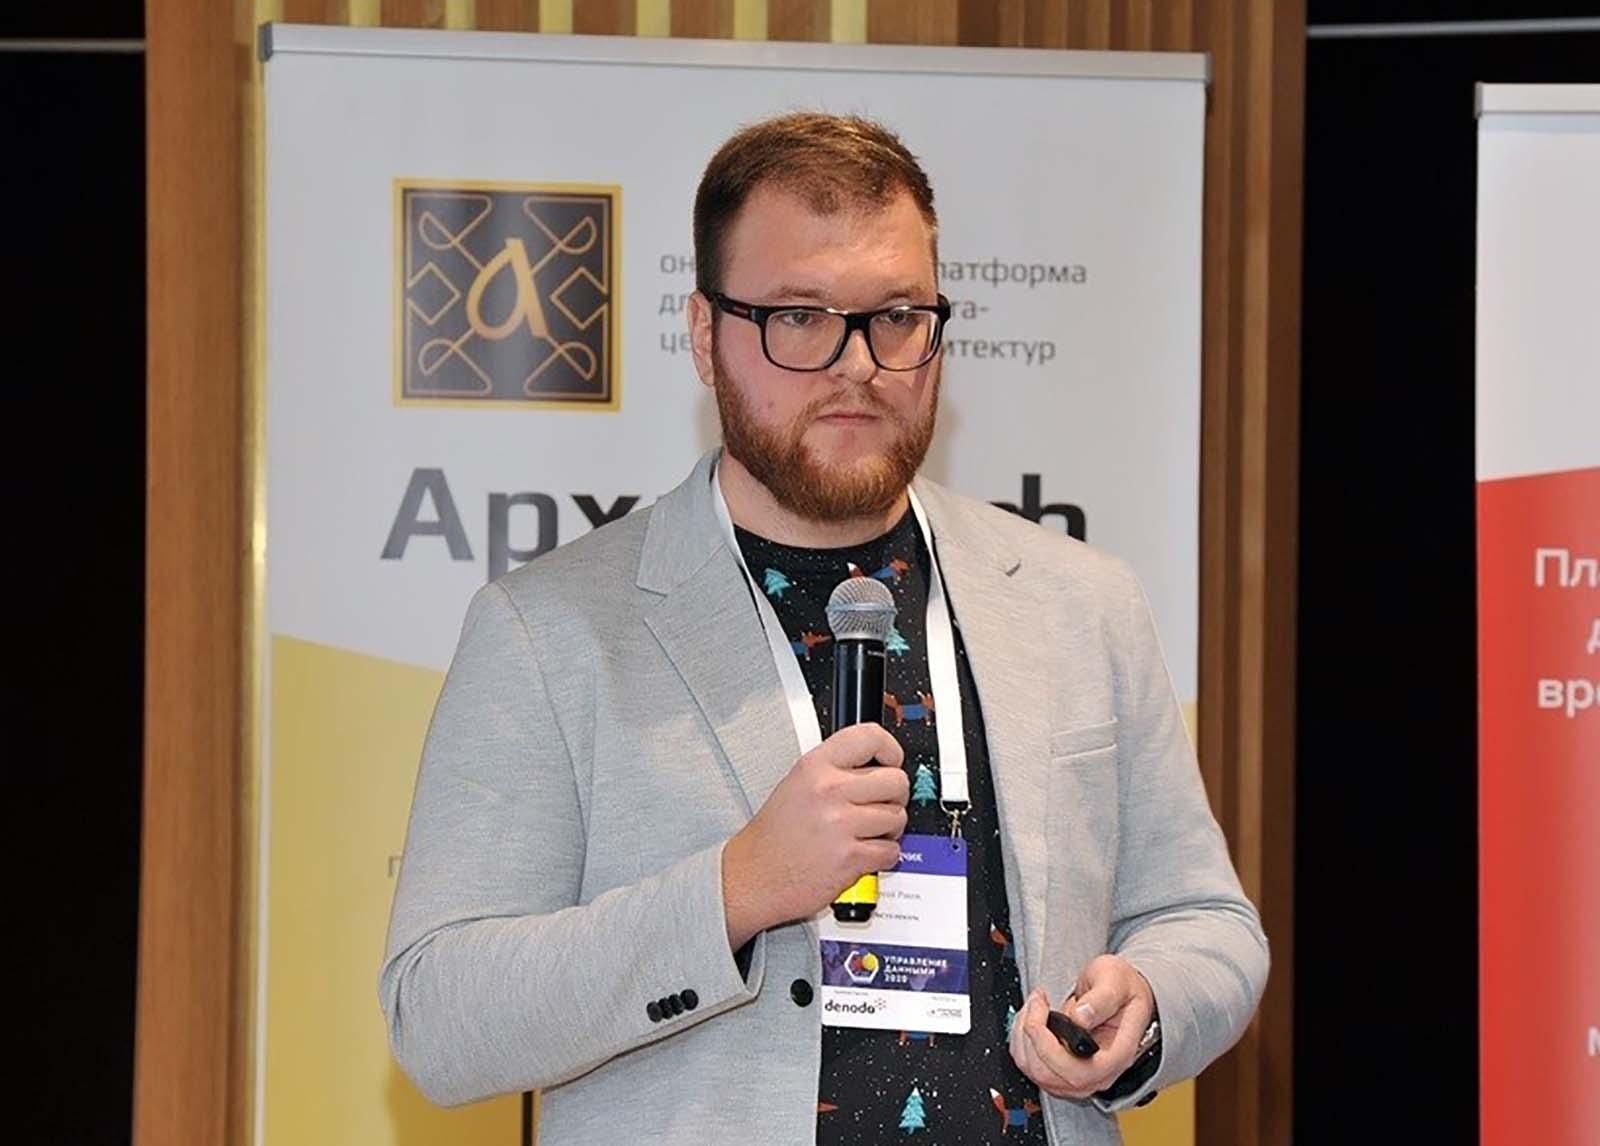 Сергей Раков, директор центра компетенций по развитию продукта видеонаблюдения, ООО «РТК ИТ»